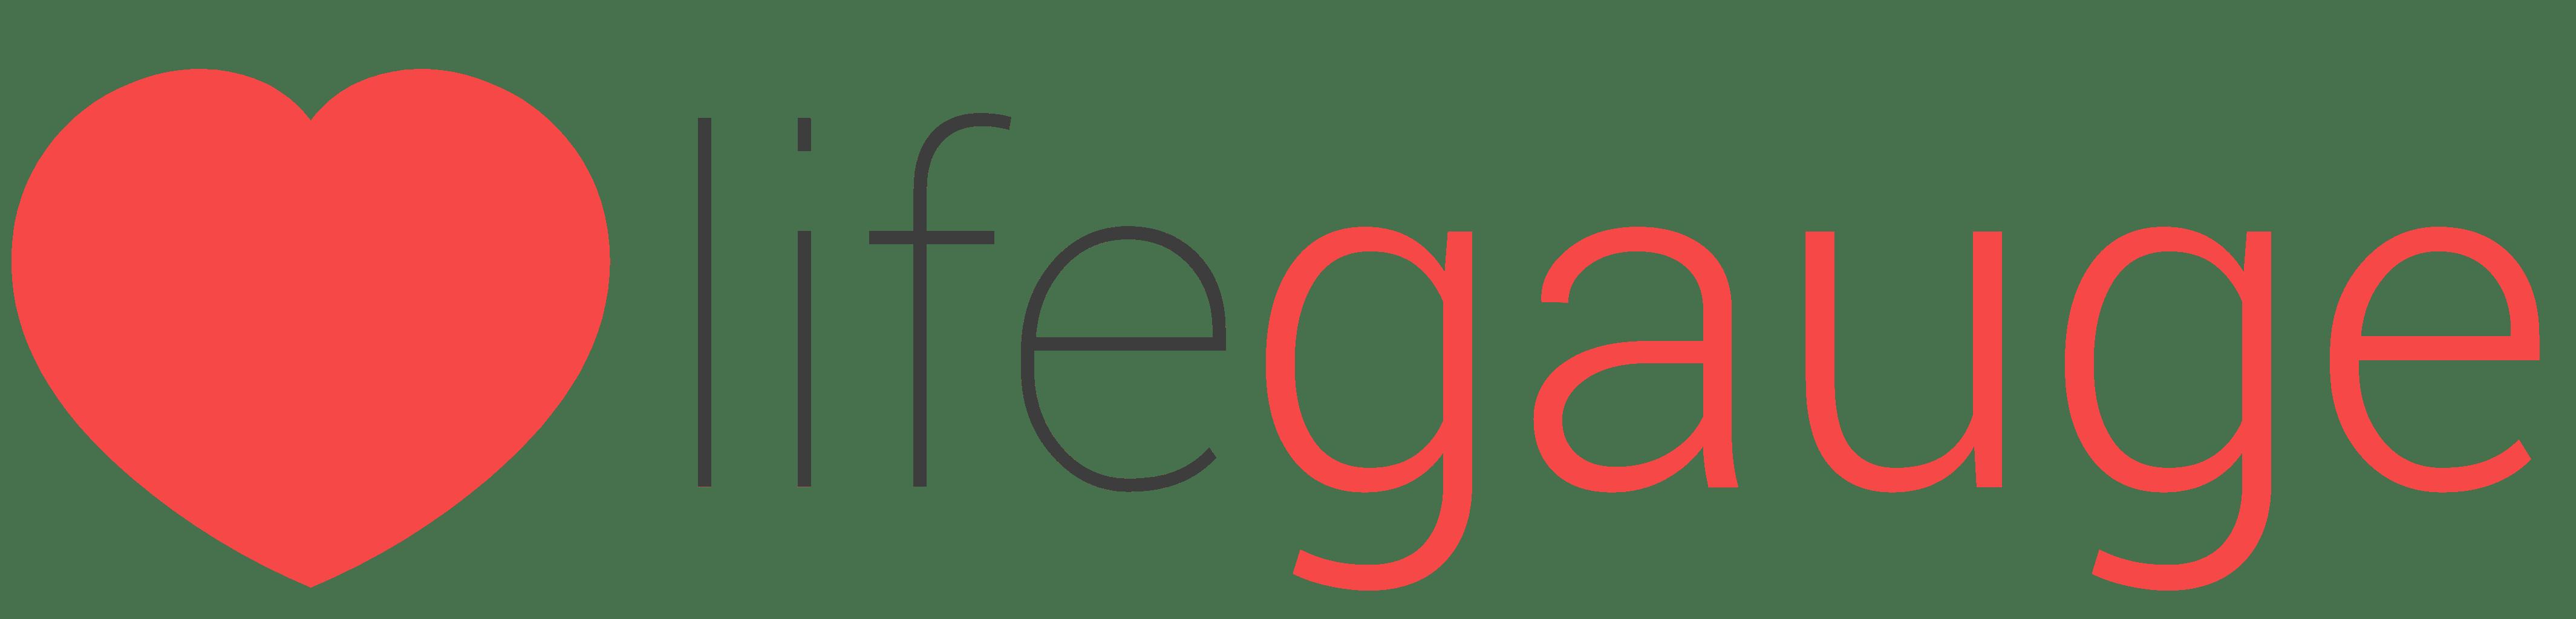 [Mod][1.7.10] LifeGauge - Строка жизней!